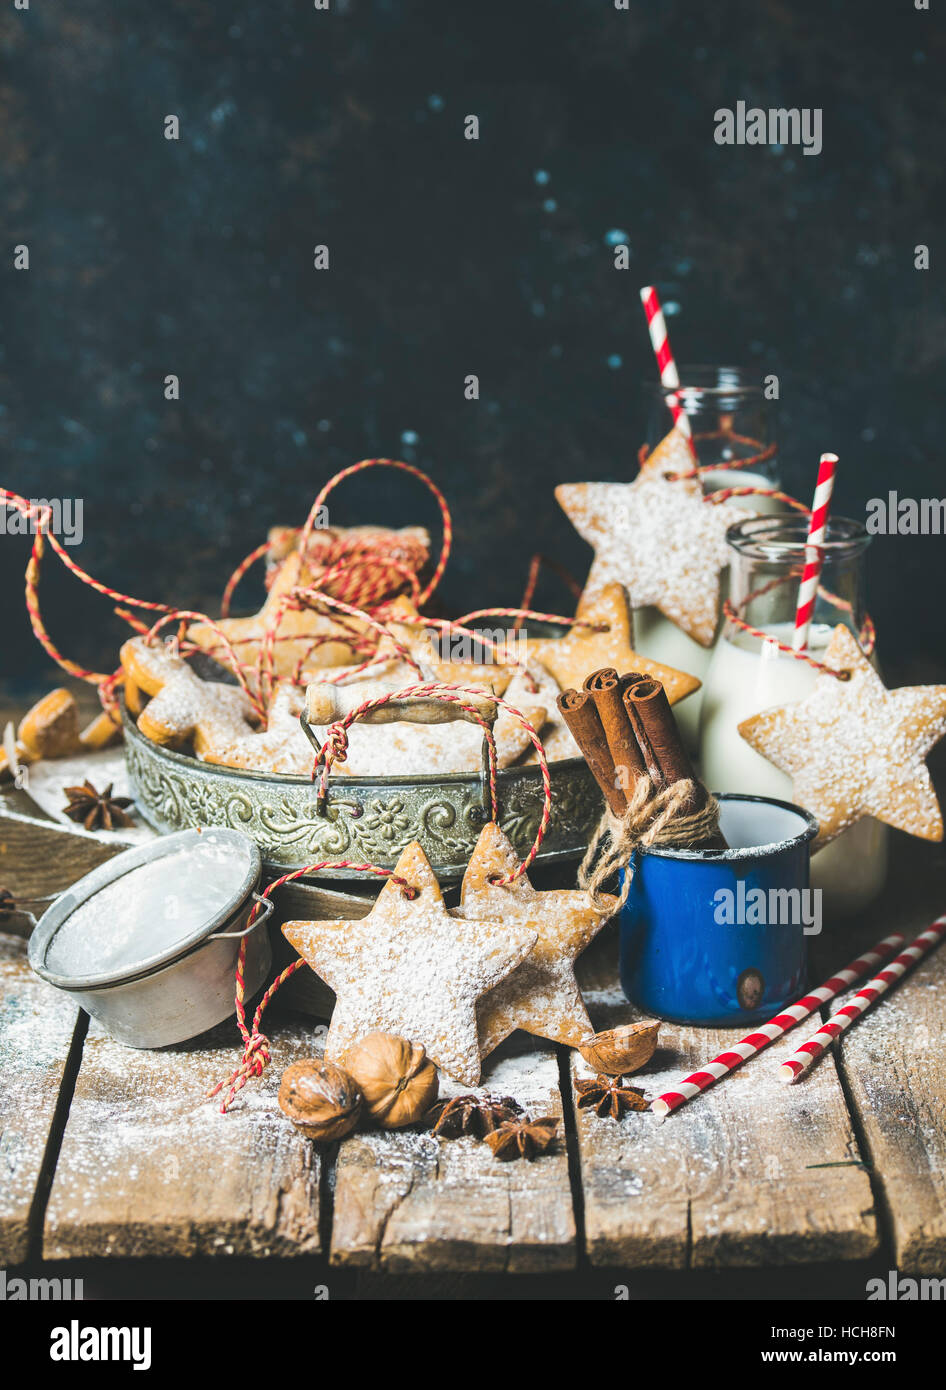 Weihnachten festlich Lebkuchen oder Kekse in Vintage Tablett, Dekoration Seil, Nüssen, Gewürze, Milch Stockbild